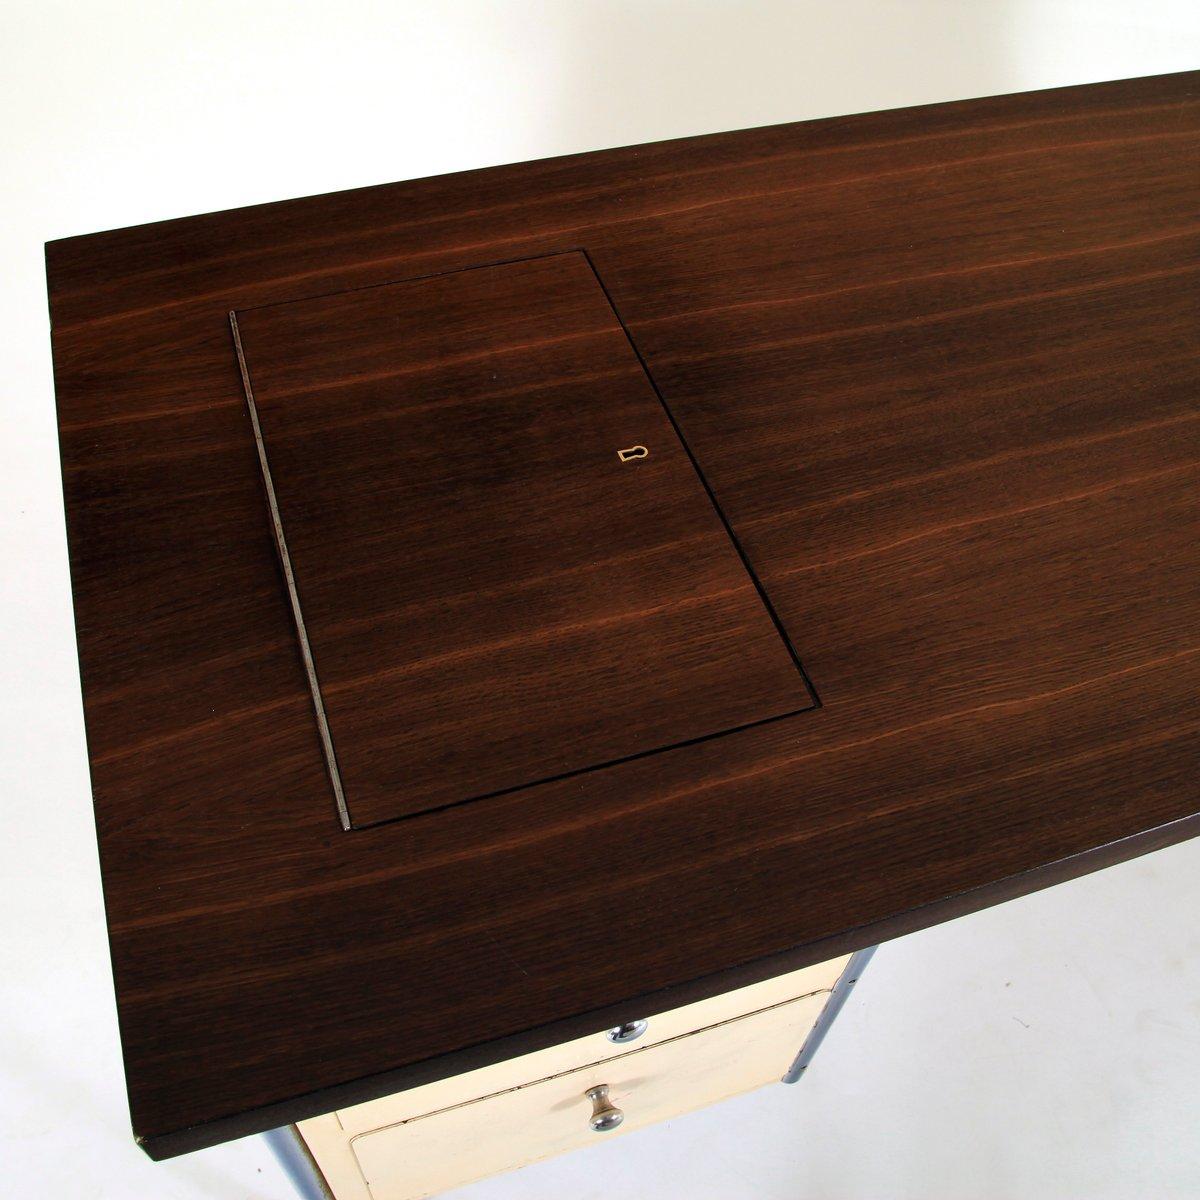 deutscher mid century schreibtisch mit stahlrohrrahmen bei pamono kaufen. Black Bedroom Furniture Sets. Home Design Ideas